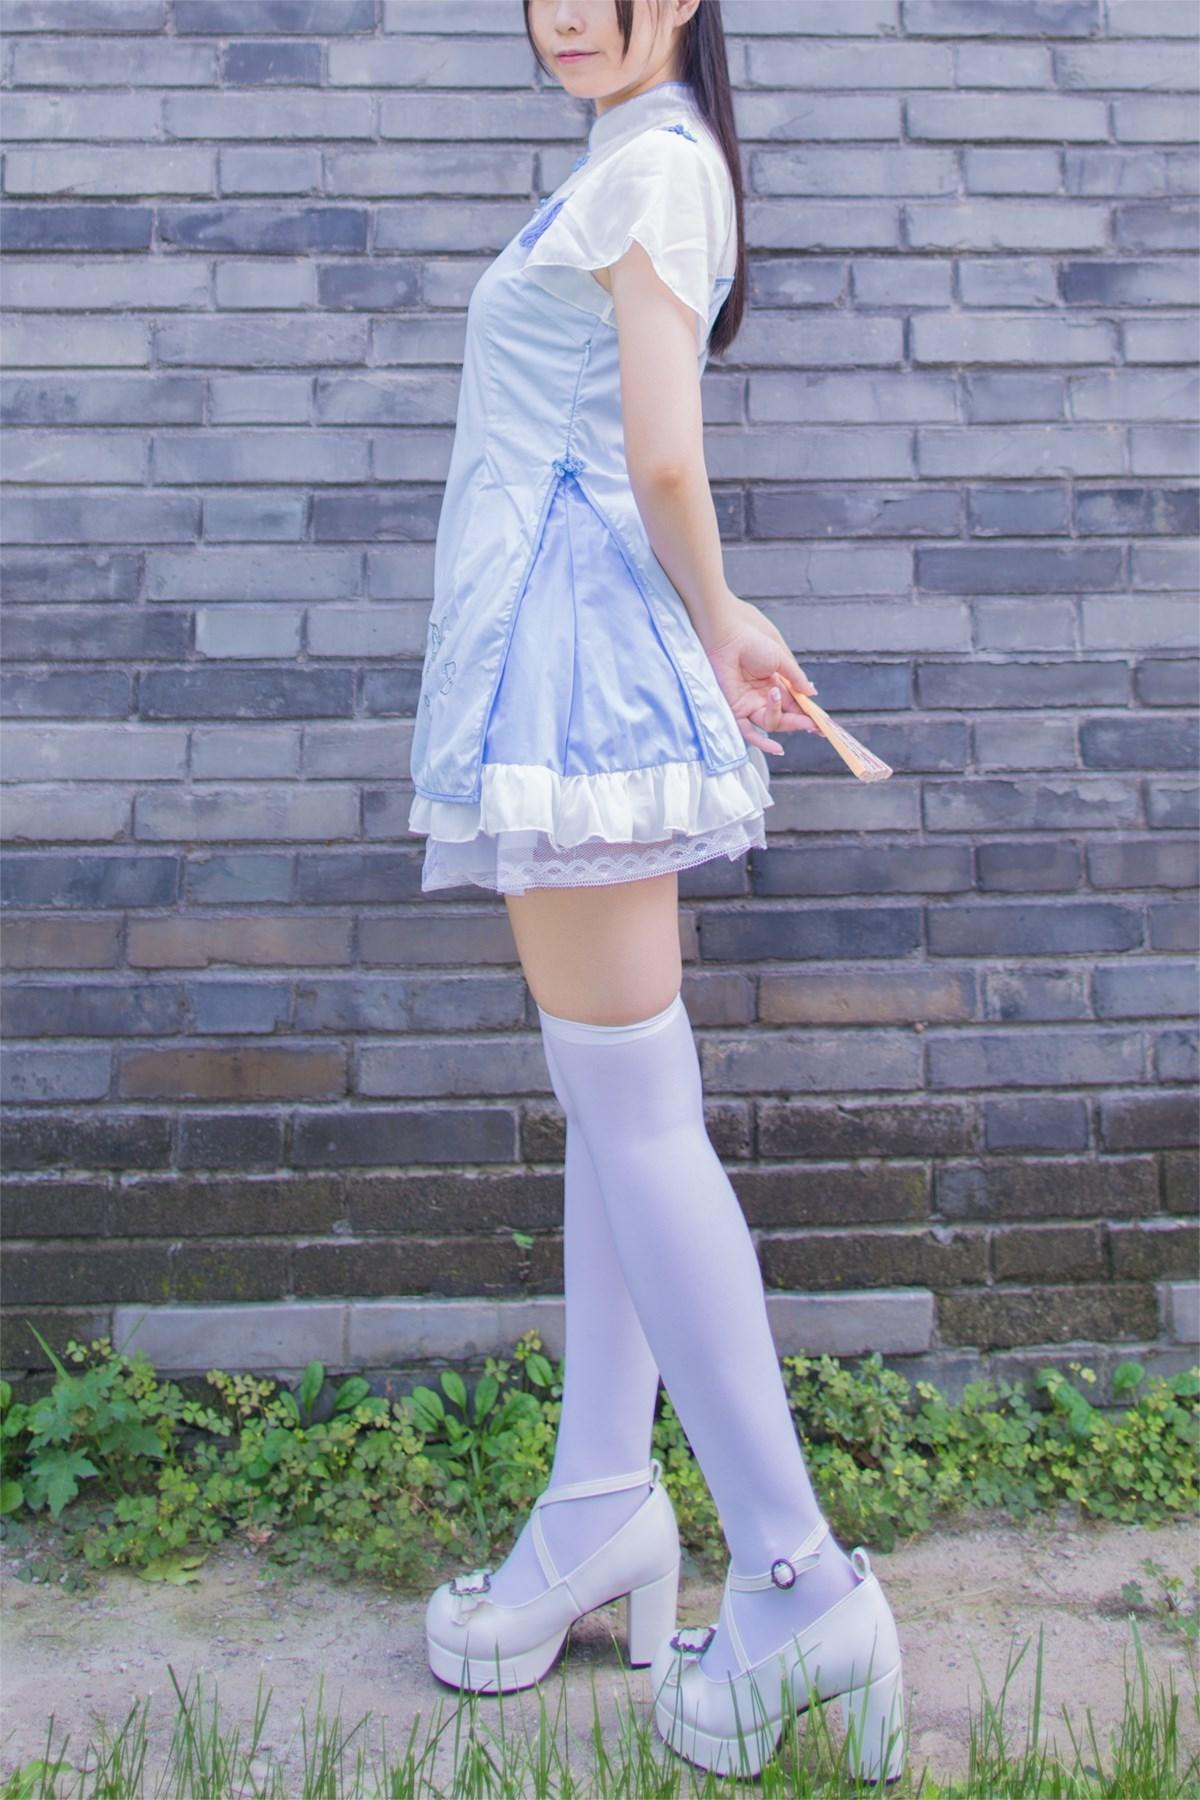 【兔玩映画】白丝旗袍 兔玩映画 第12张